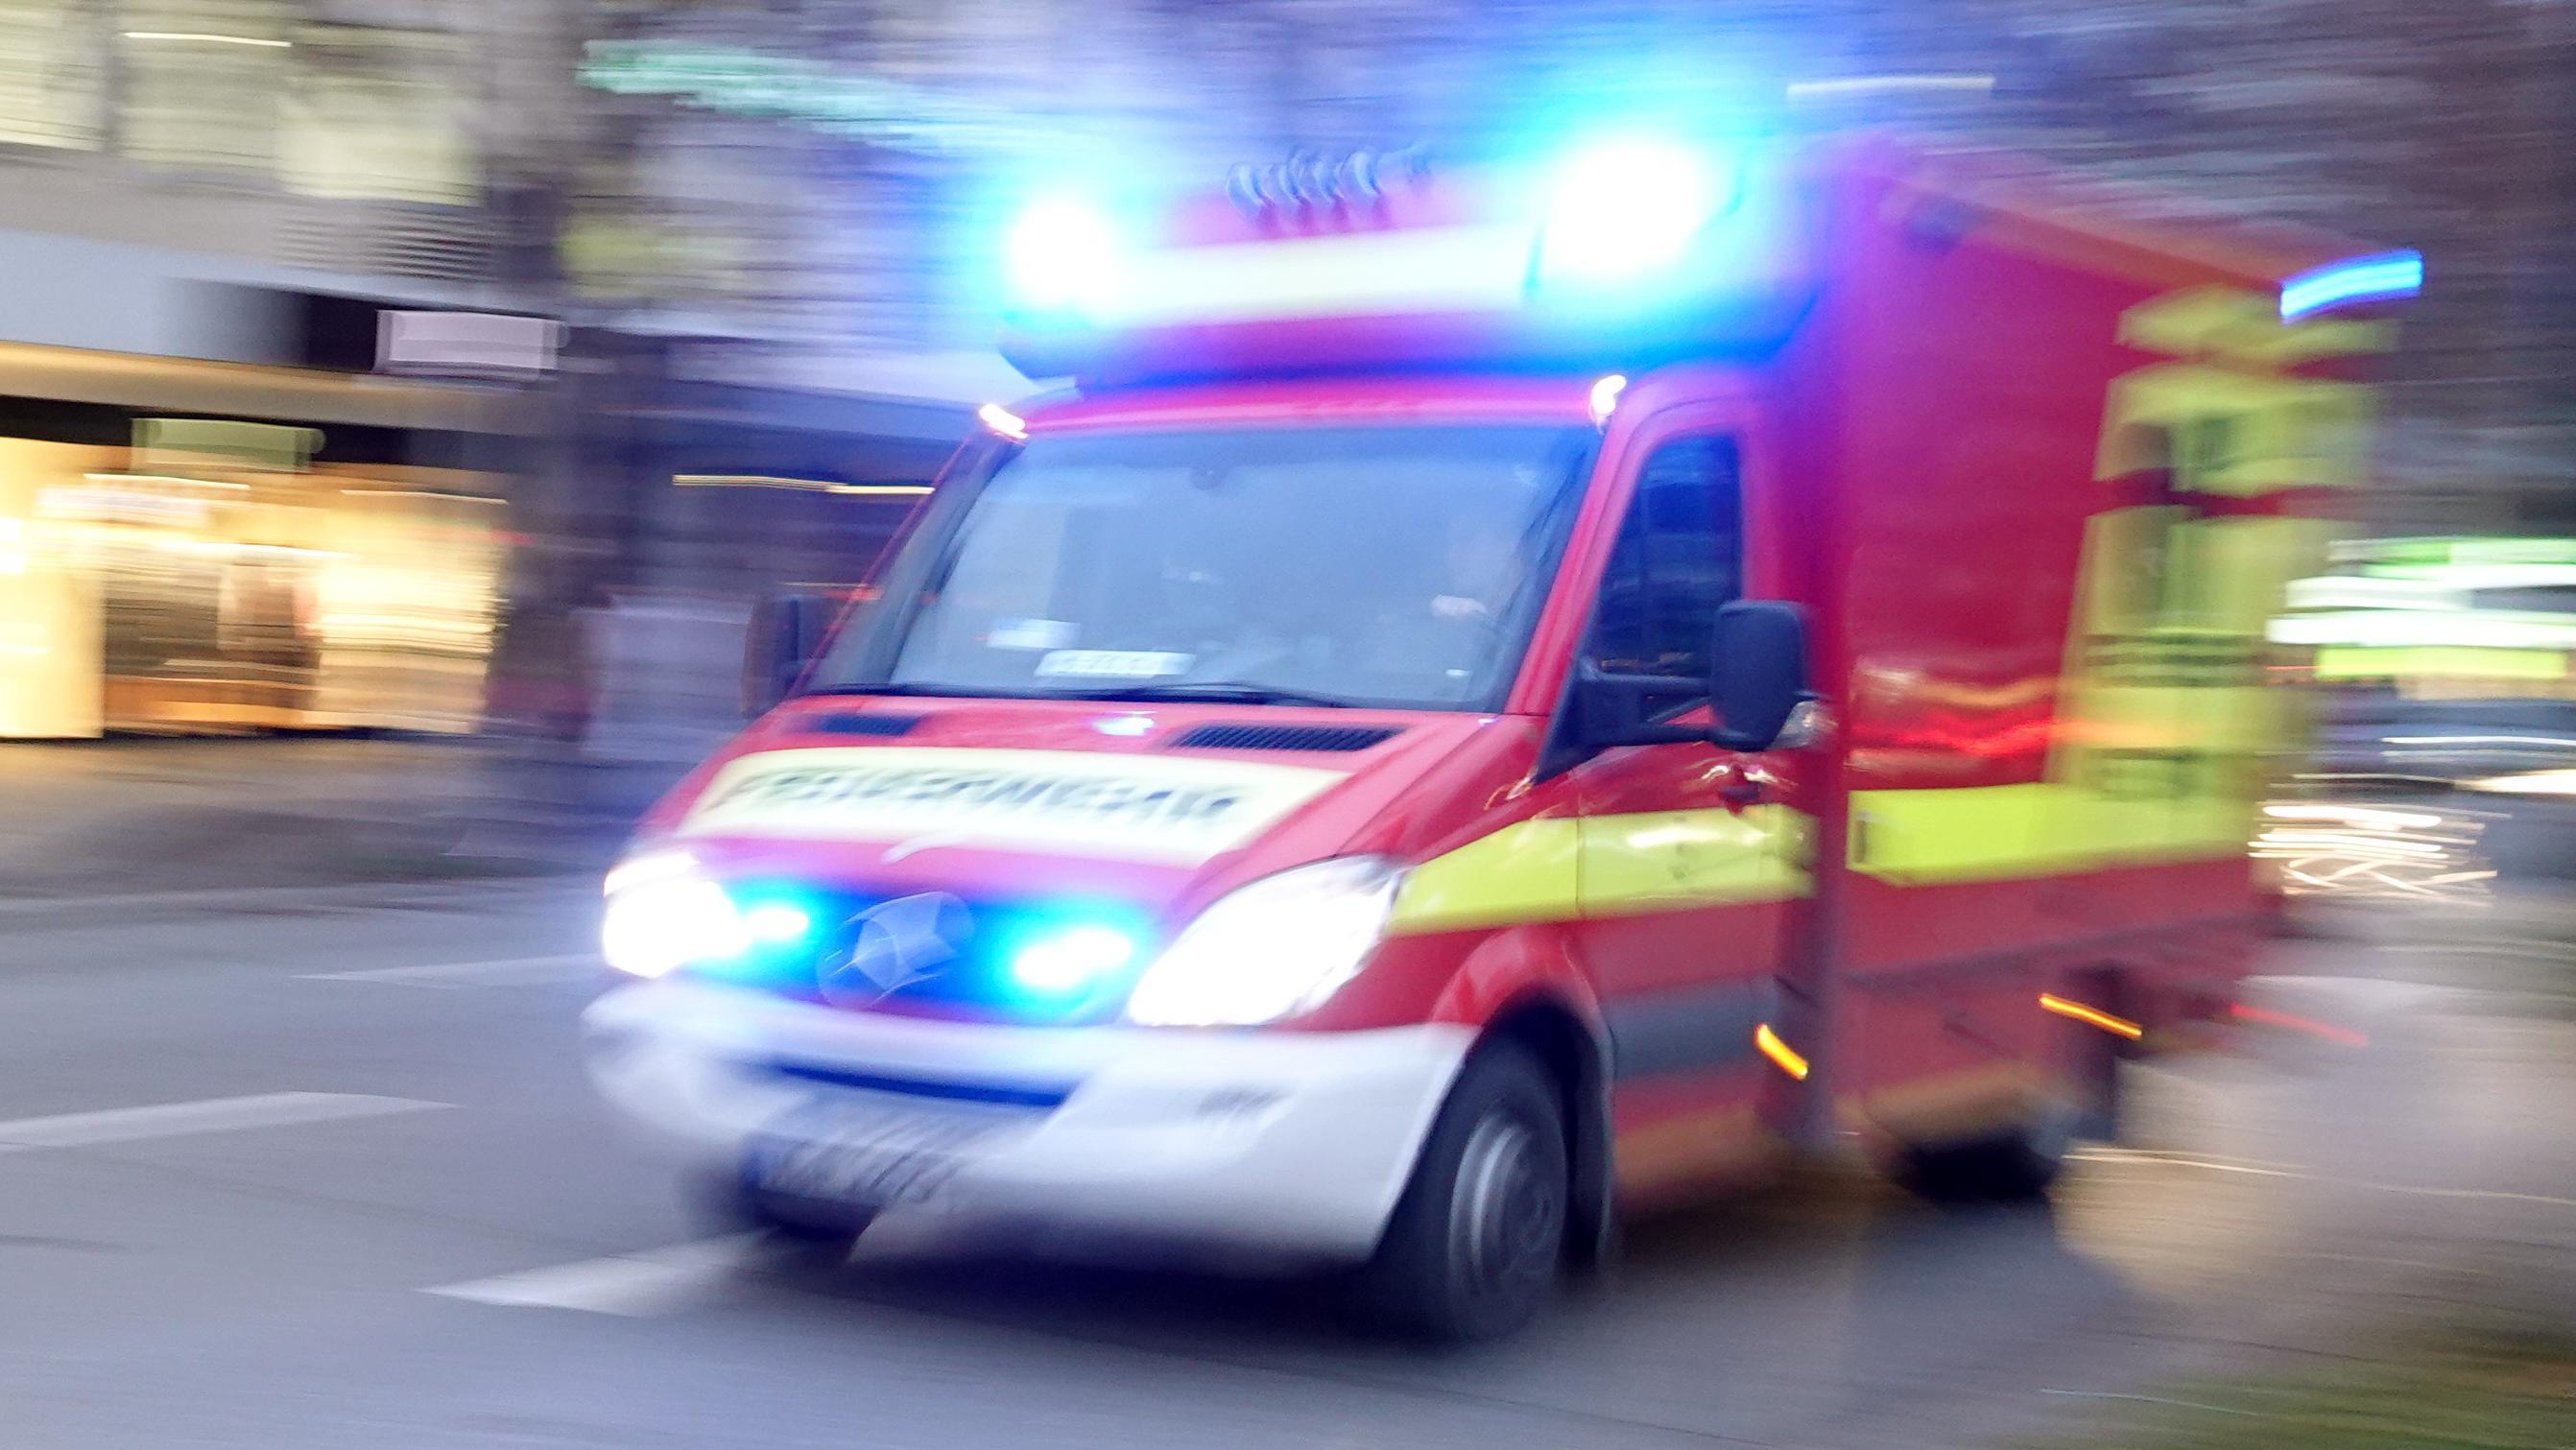 München: Ein Rettungswagen der Feuerwehr mit Blaulicht fährt eine Straße entlang (Symbolbild).